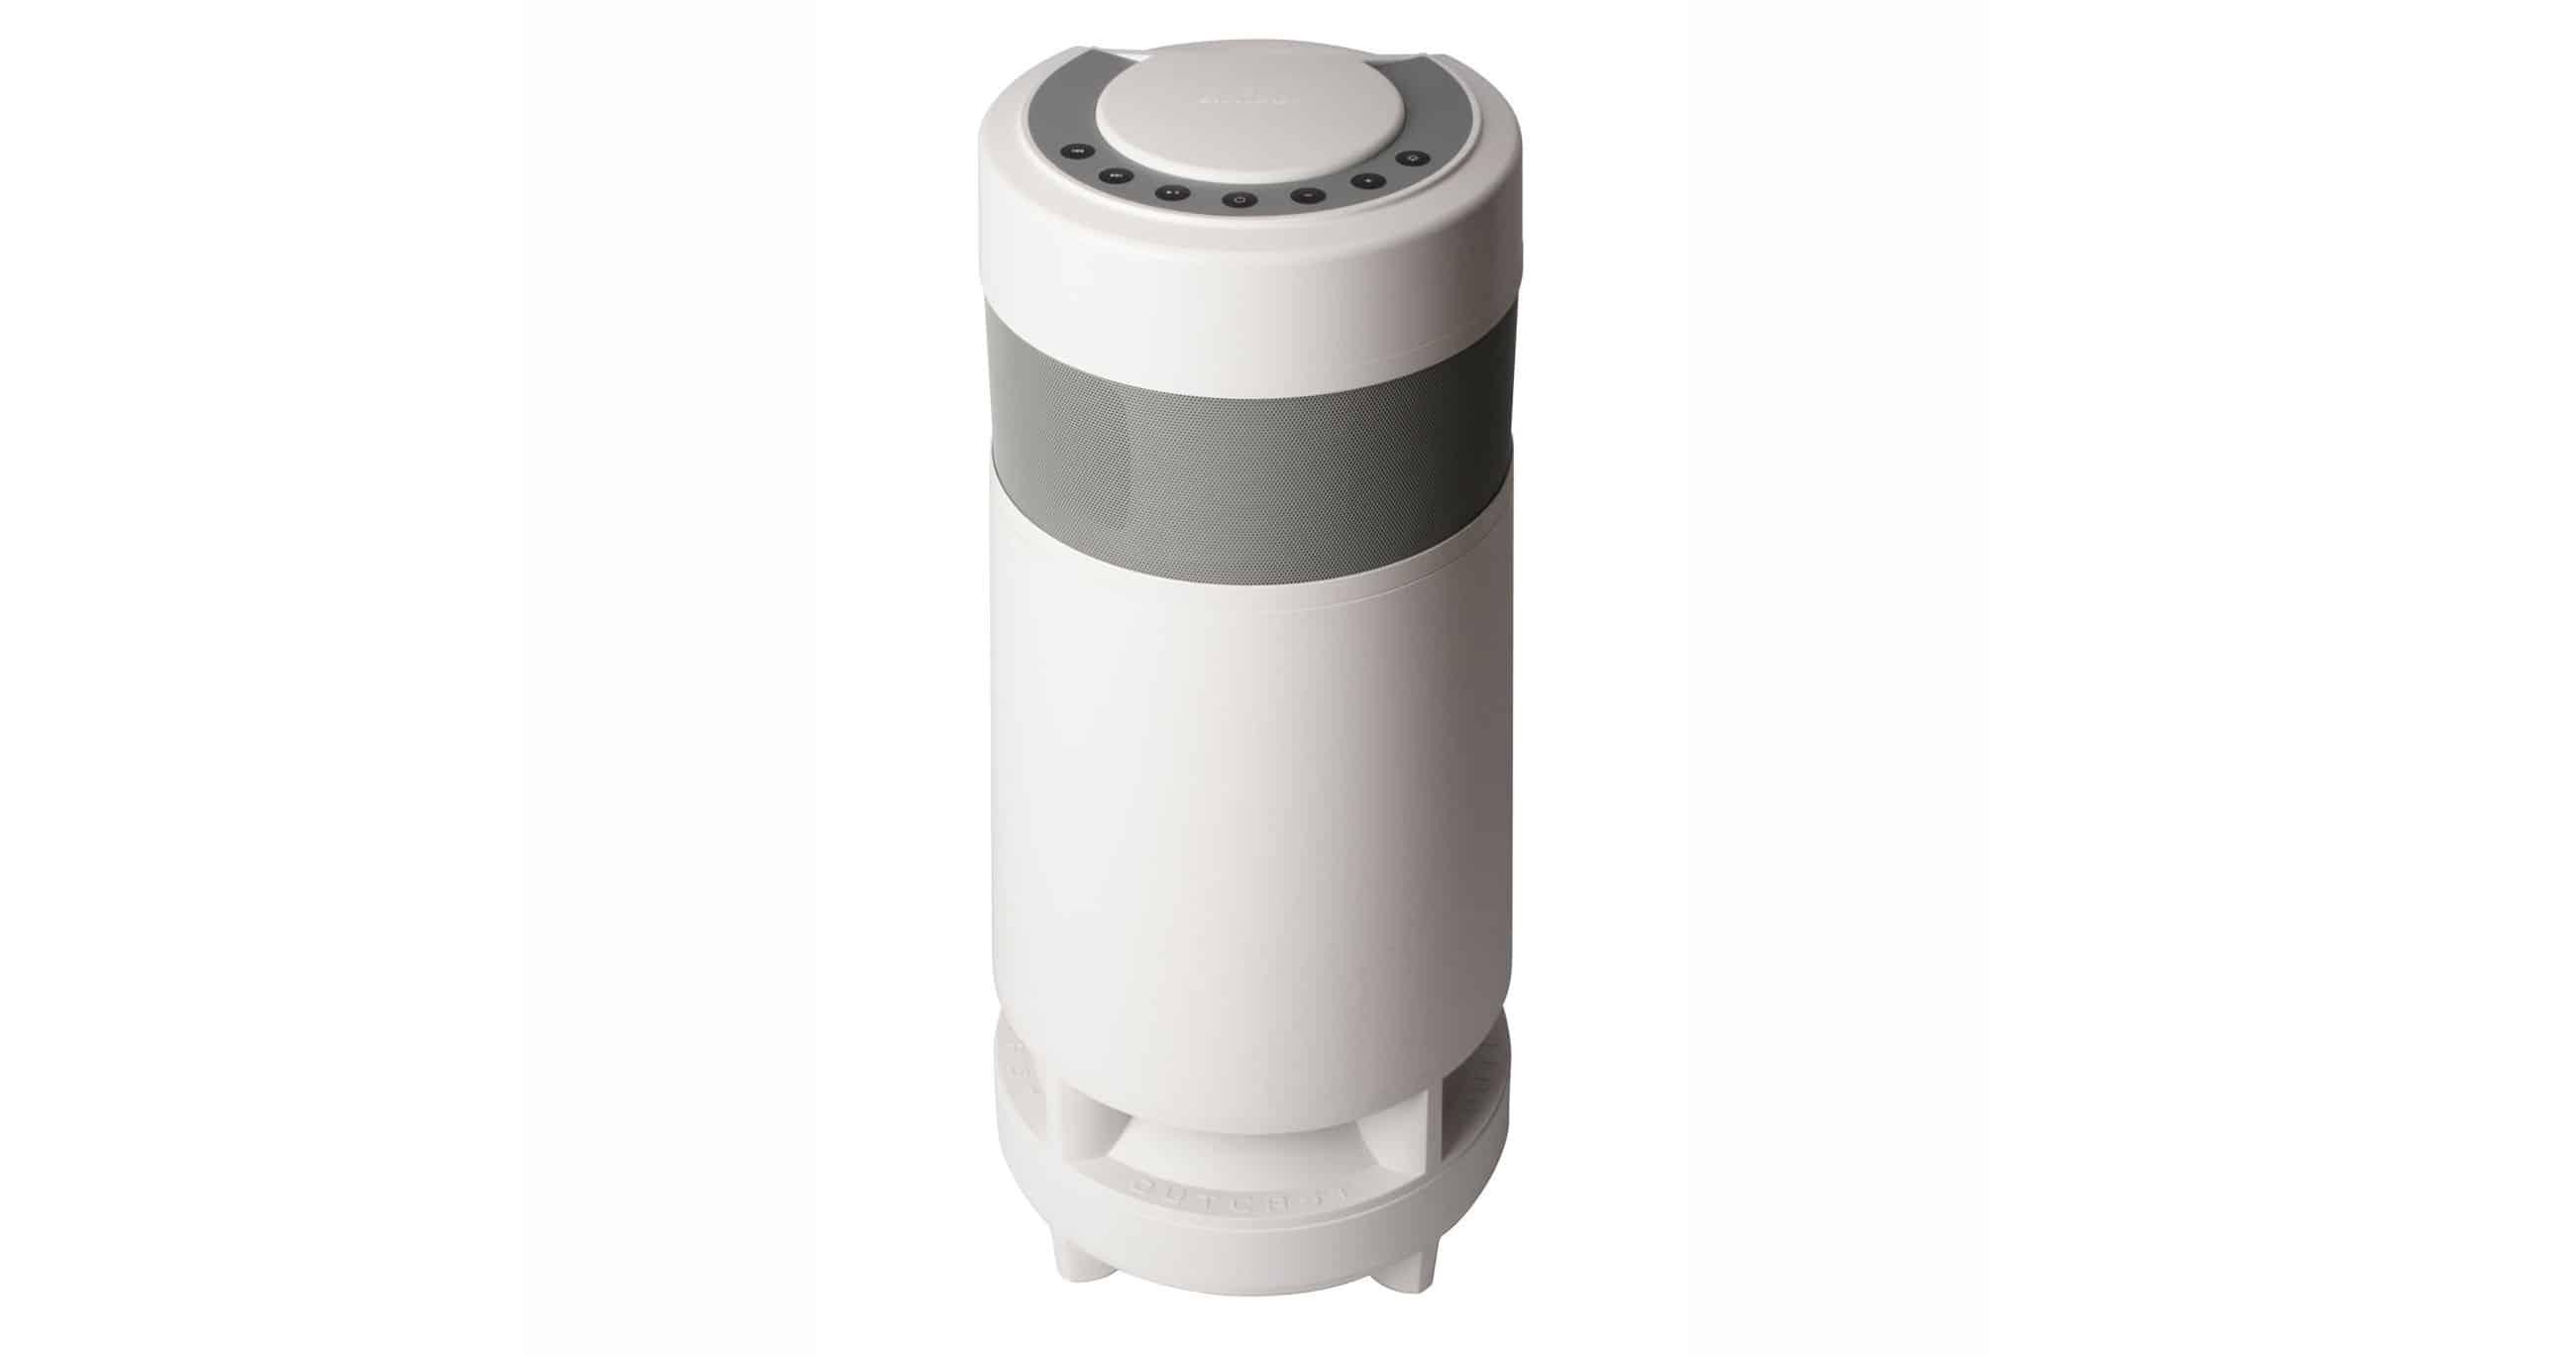 Soundcast long Speaker wireless